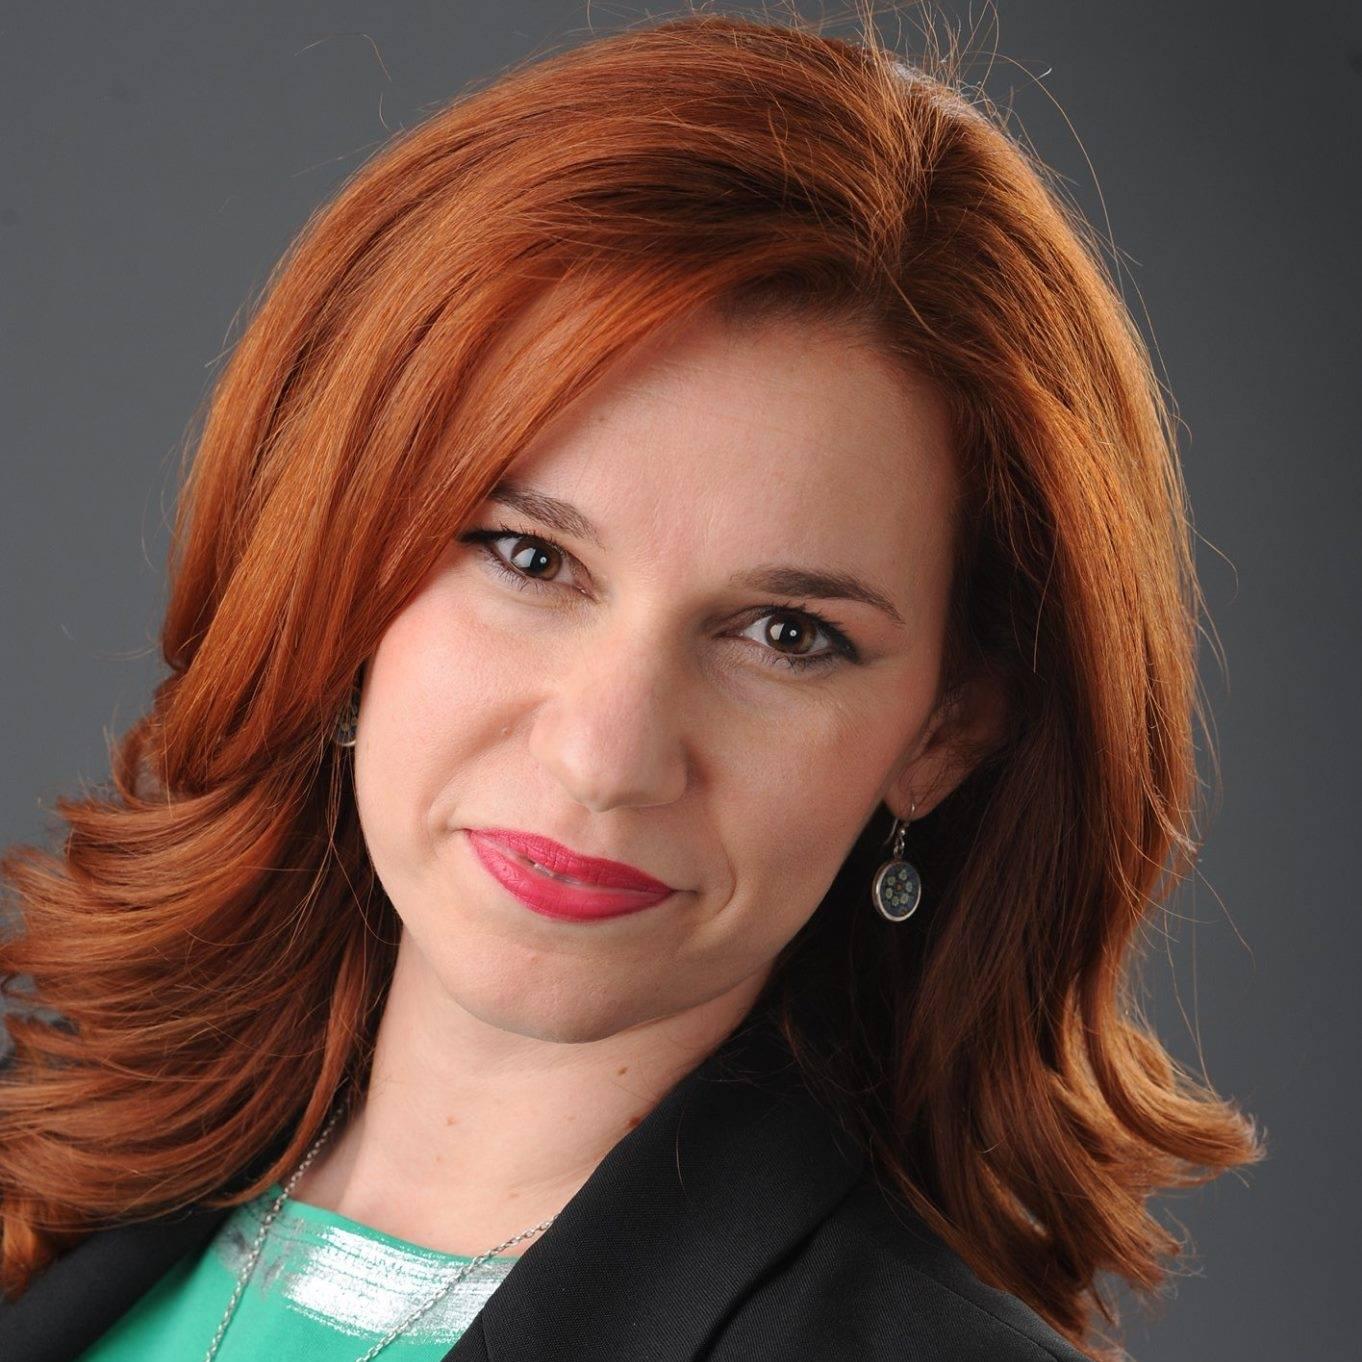 Marina Dorocki